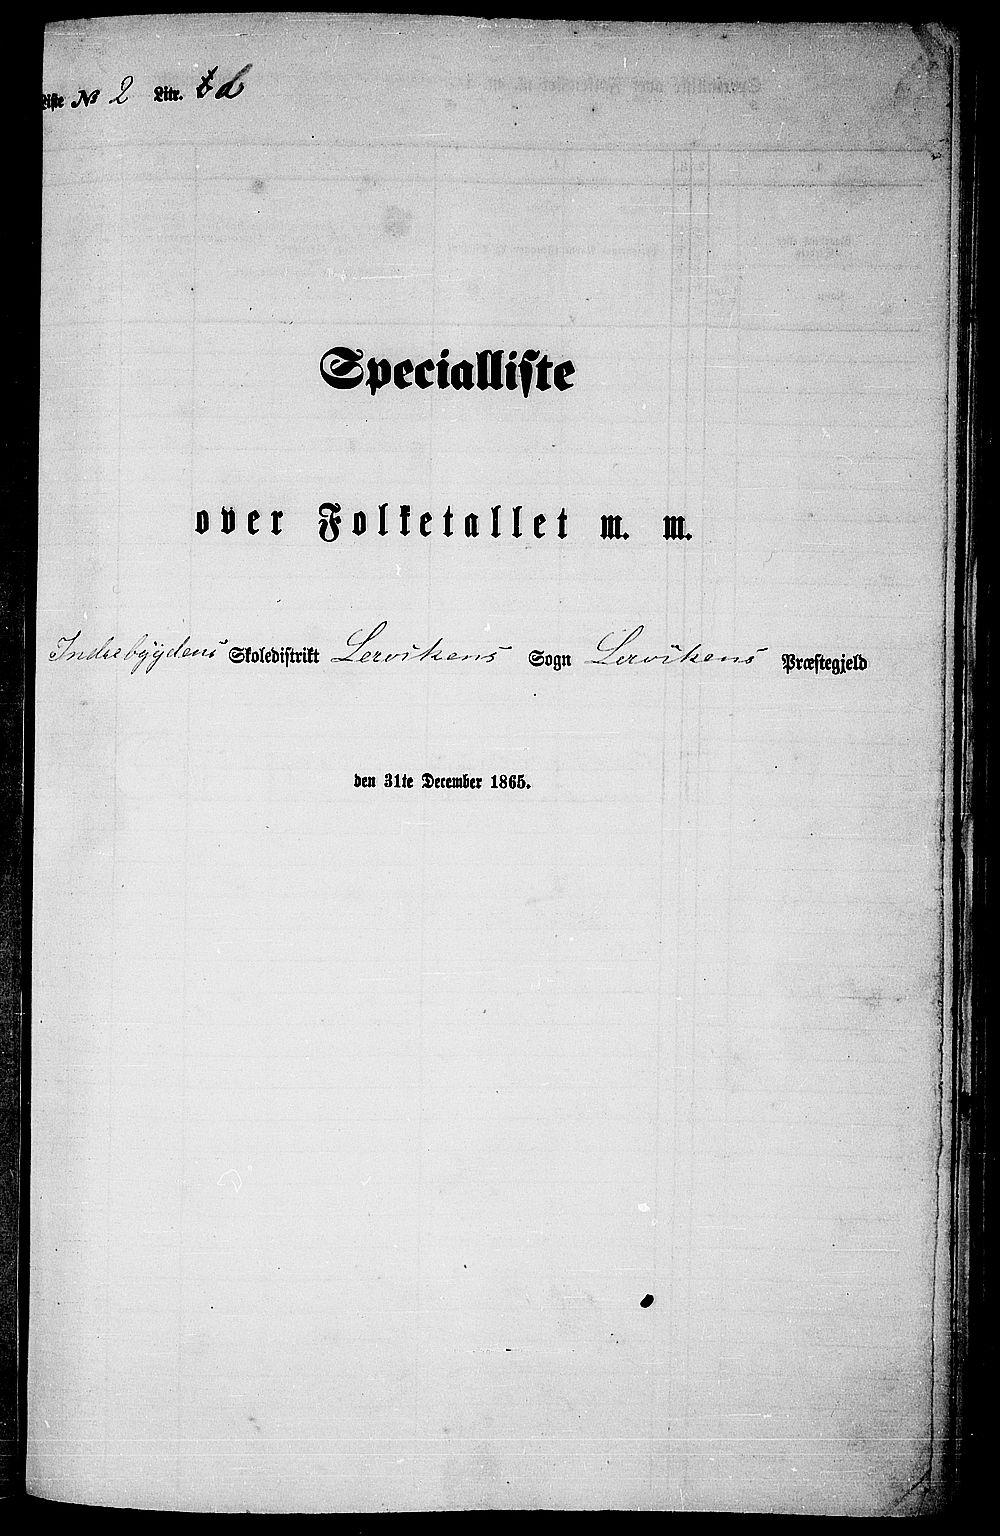 RA, Folketelling 1865 for 1718P Leksvik prestegjeld, 1865, s. 45